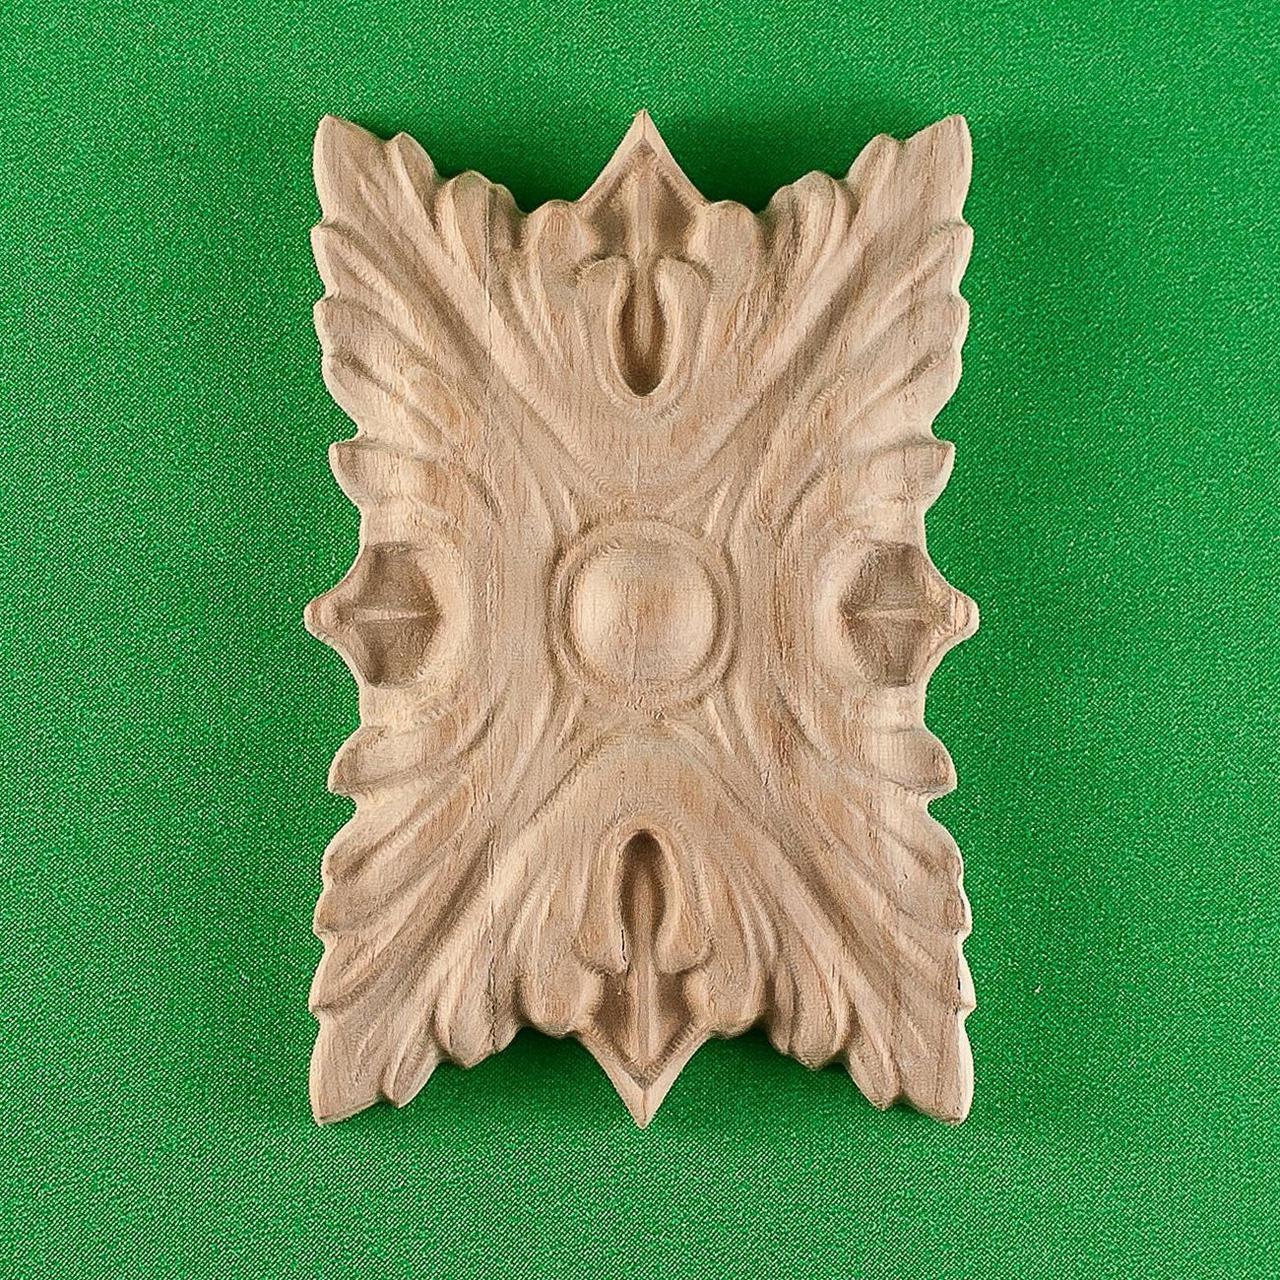 Код Р12. Деревянный резной декор для мебели. Розетка